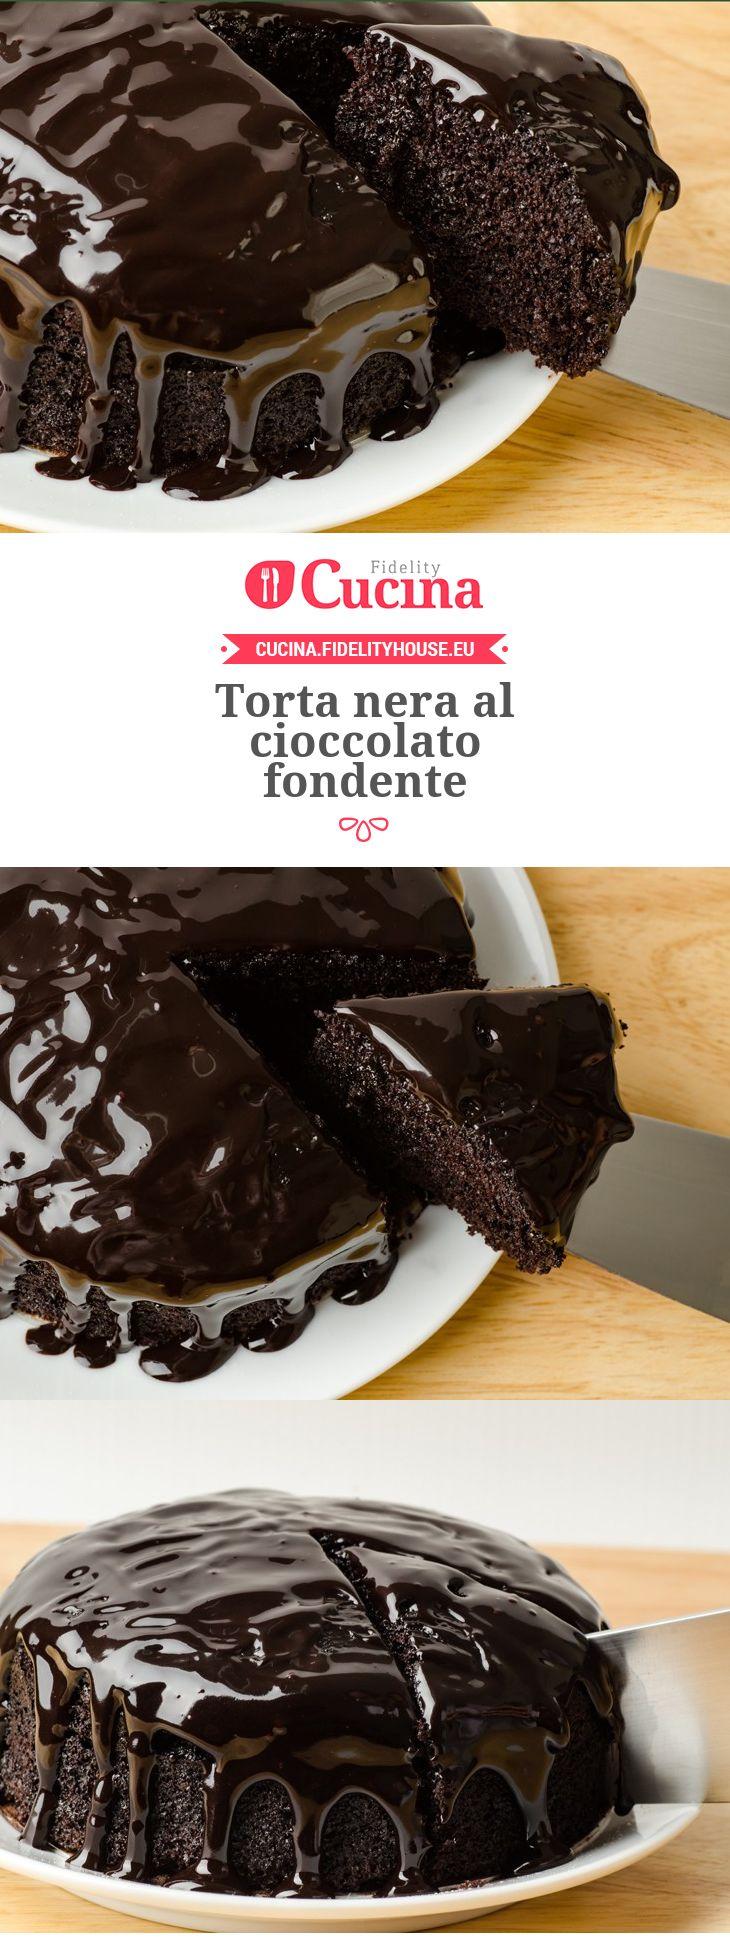 Torta nera al cioccolato fondente